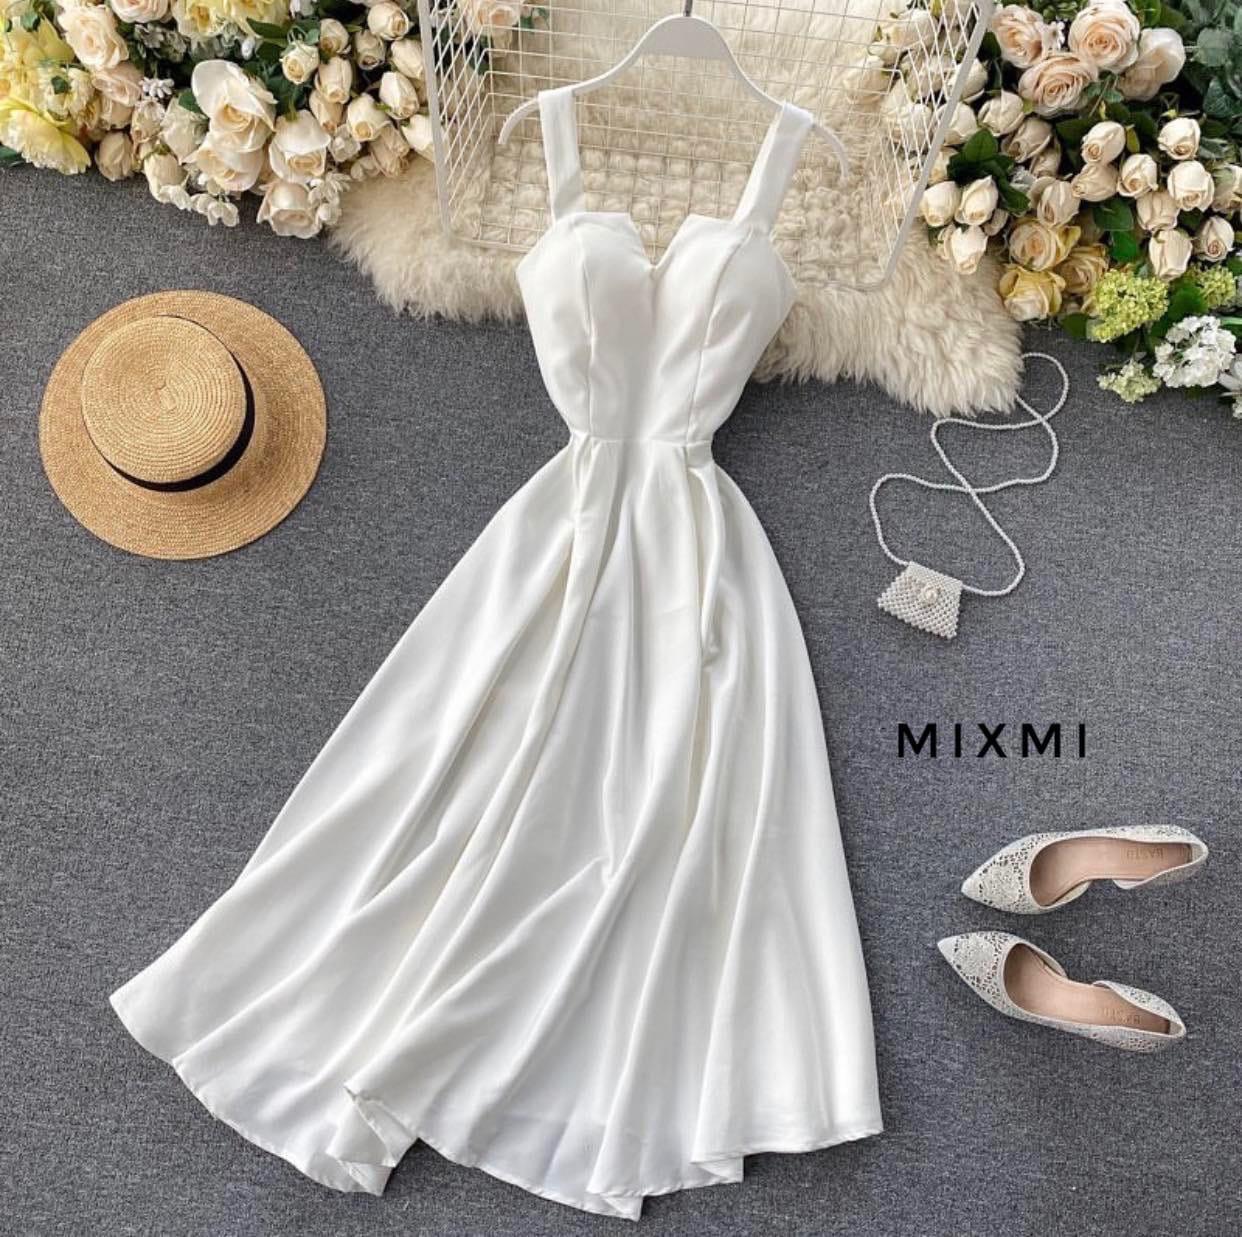 Жіноче плаття, супер - софт, р-р 42-44; 44-46 (білий)